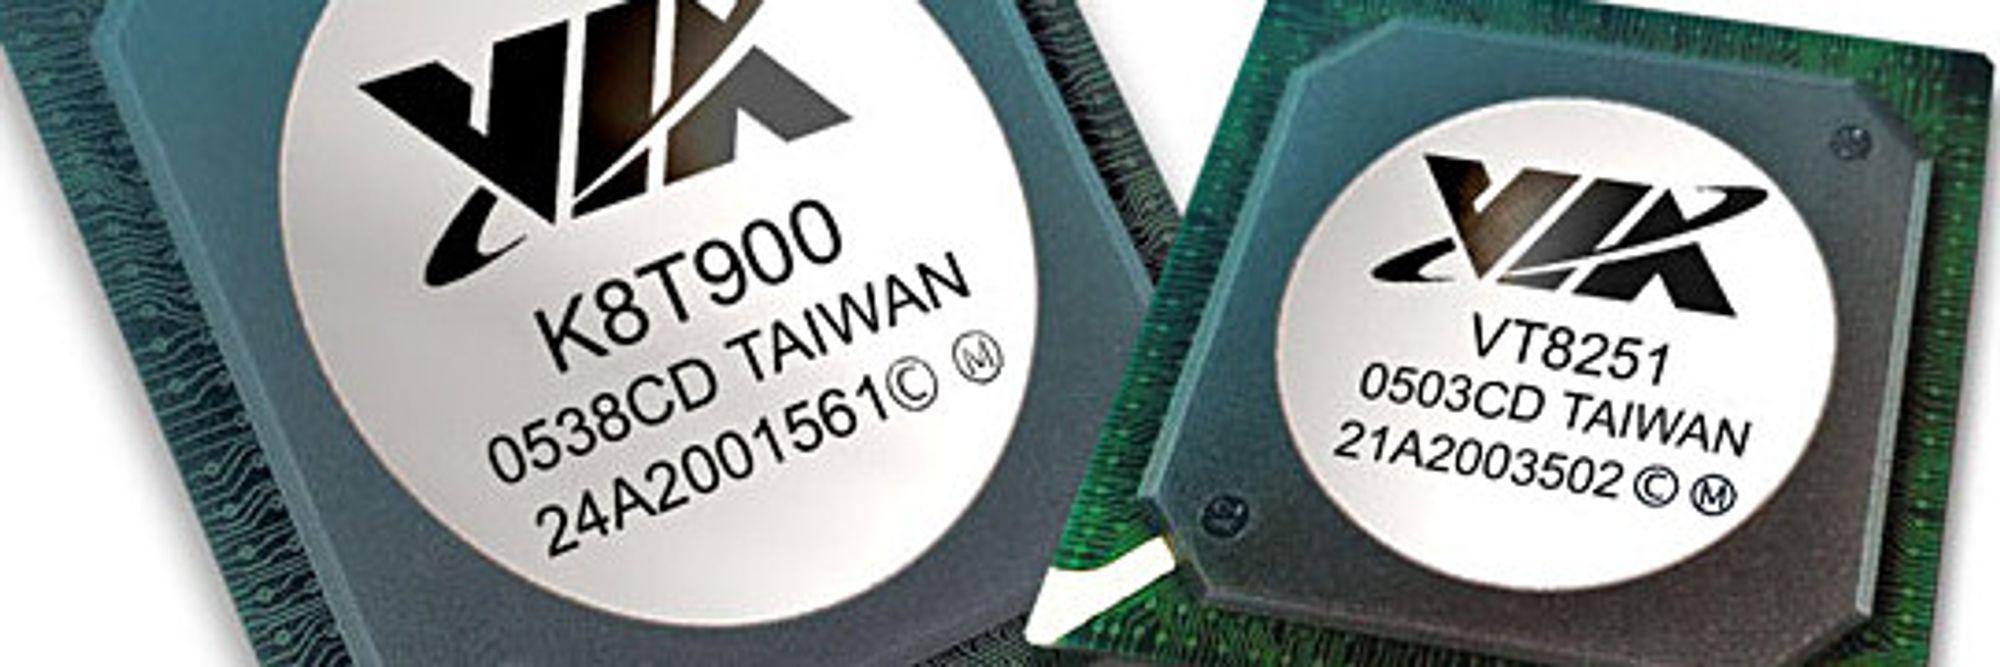 VIAs nyeste AMD-brikkesett: K8T900